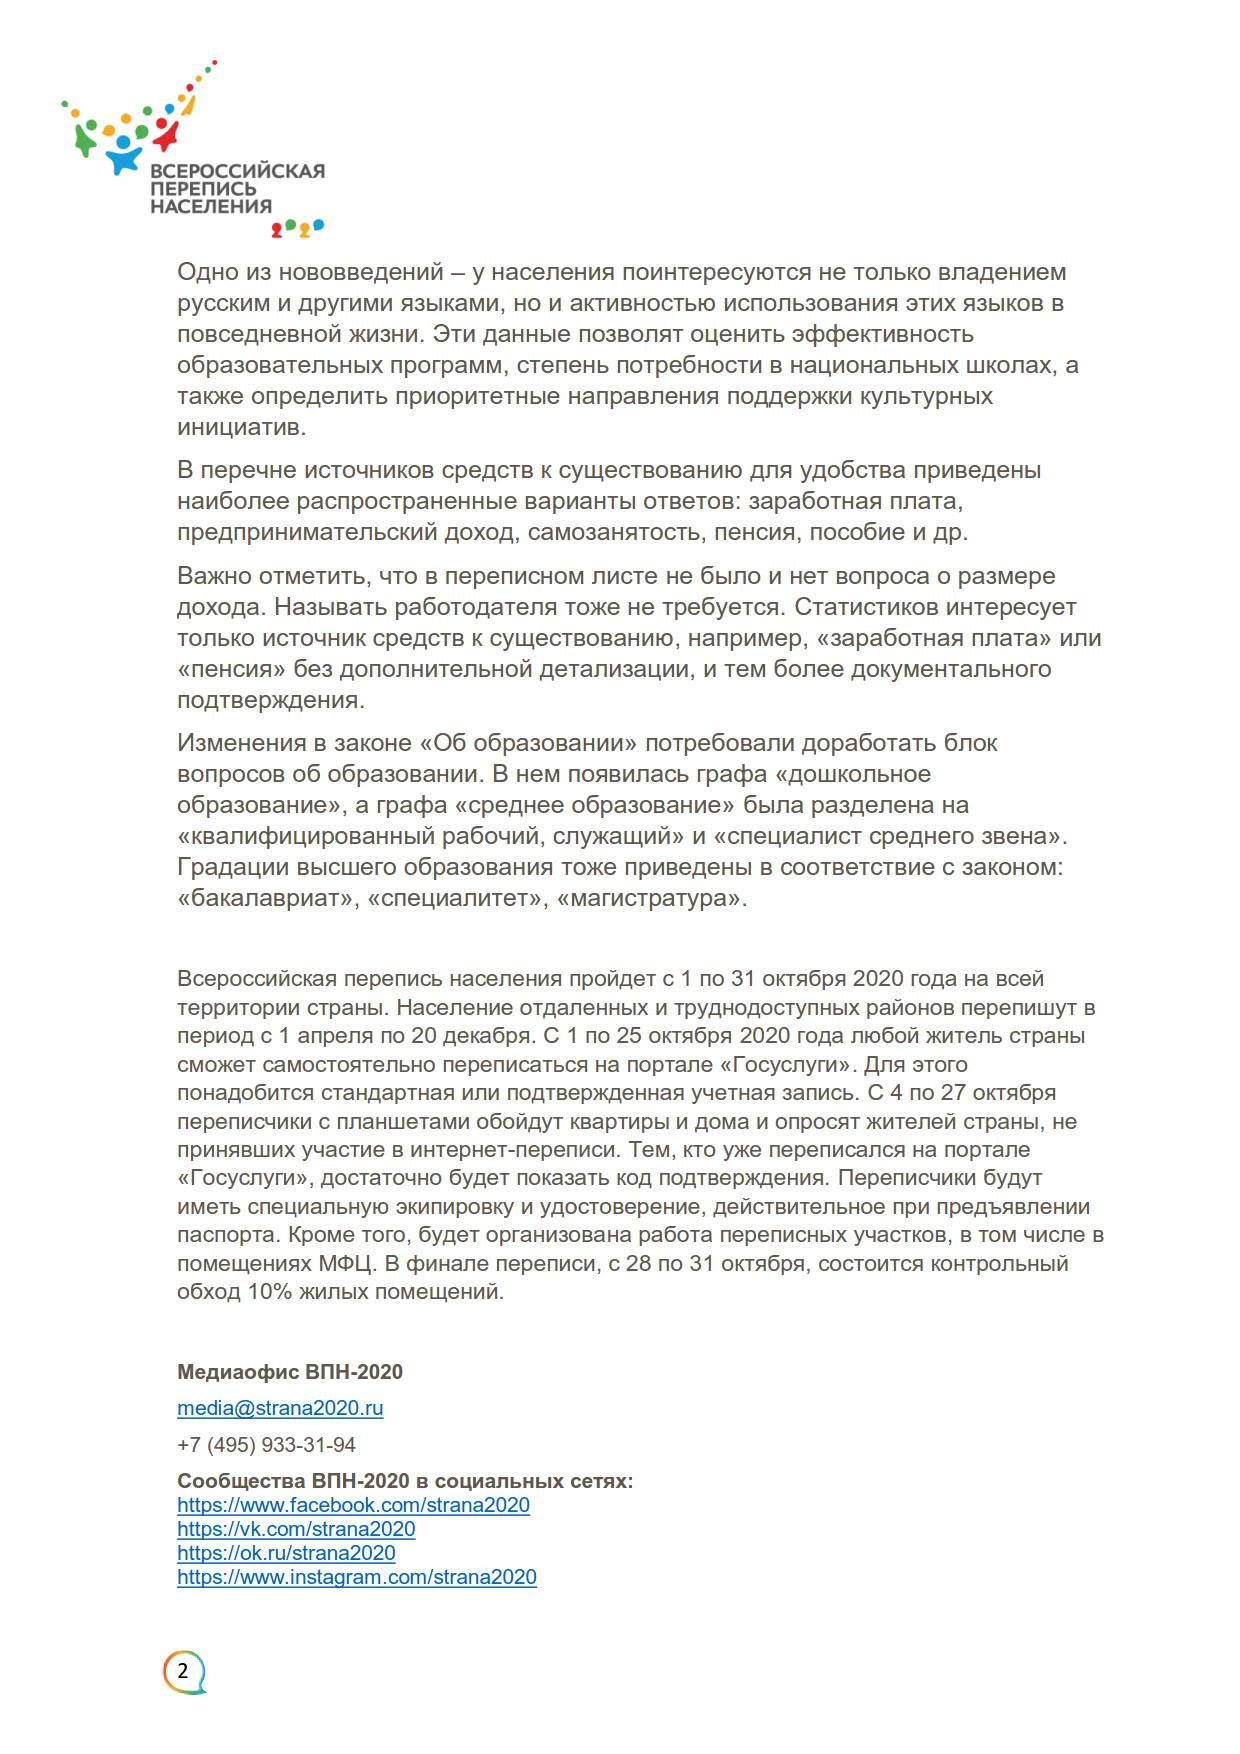 Релиз_Распоряжение Правительства о переписных листах_2